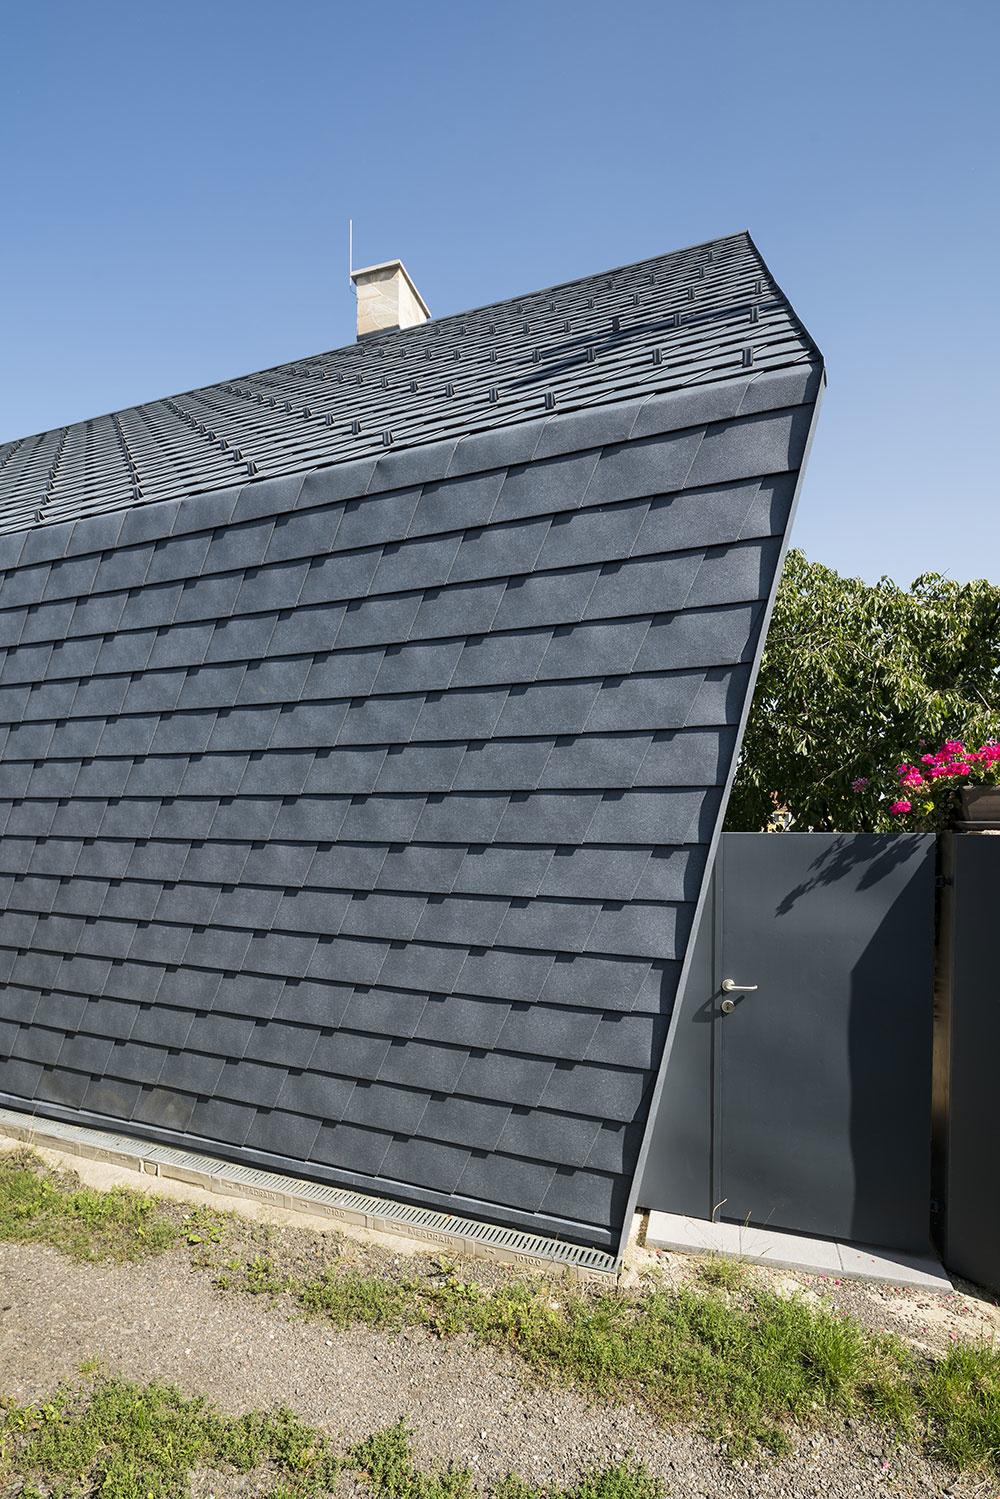 obal strechy je z hliníkových tvaroviek